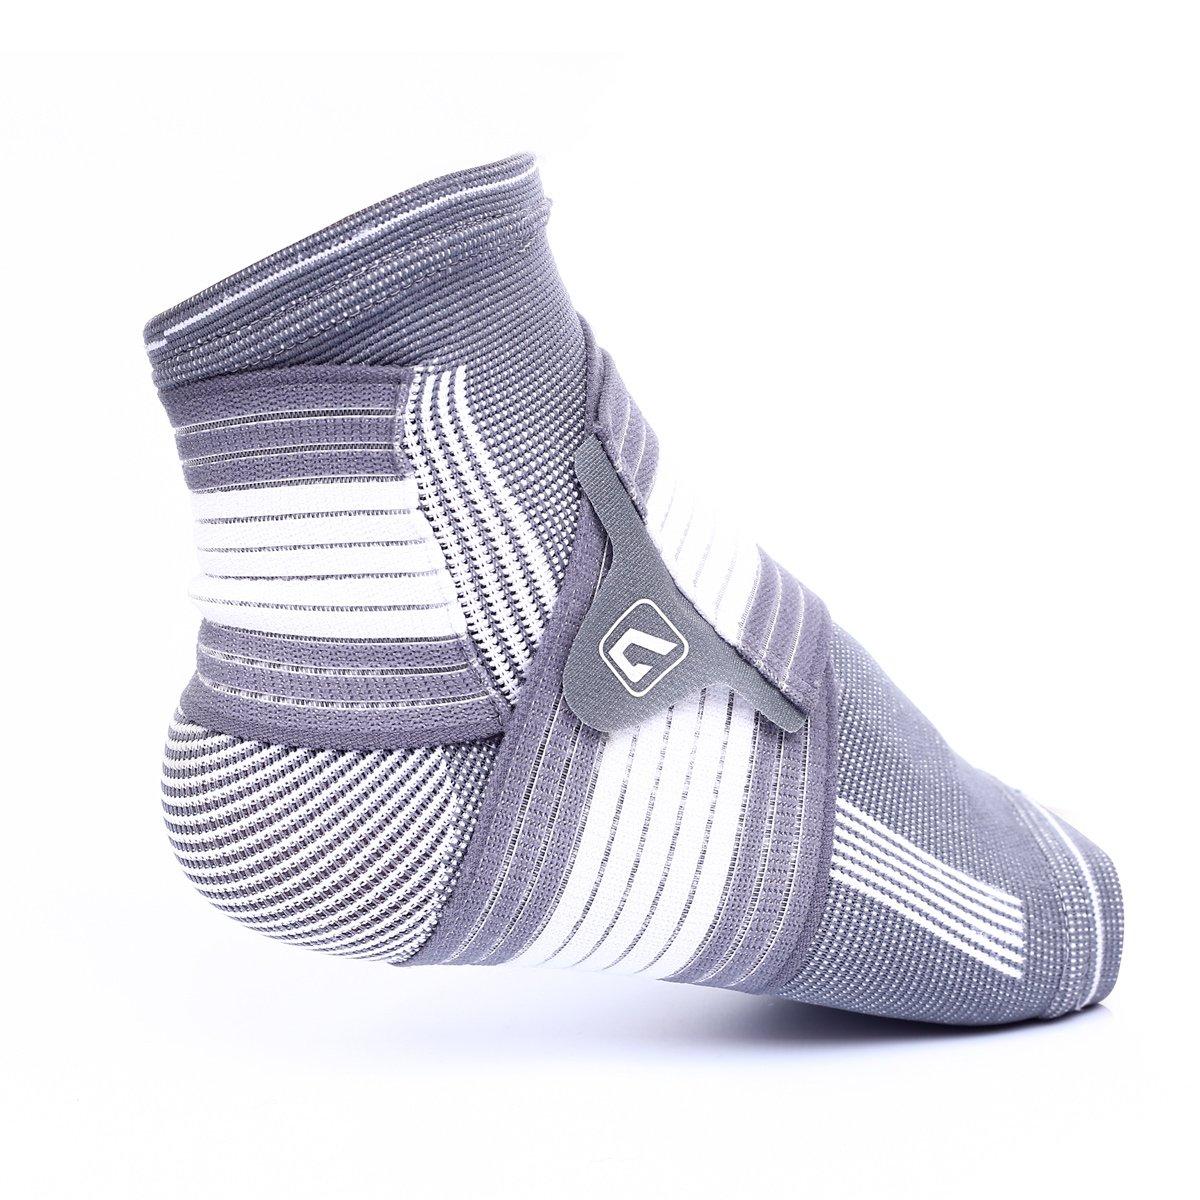 Tobillera Live Up SPORTS de compresión y soporte con envolturas elásticas integradas para correr, jugar baloncesto, caminar, trotar y uso diario, LS5674 Liveup SPORTS